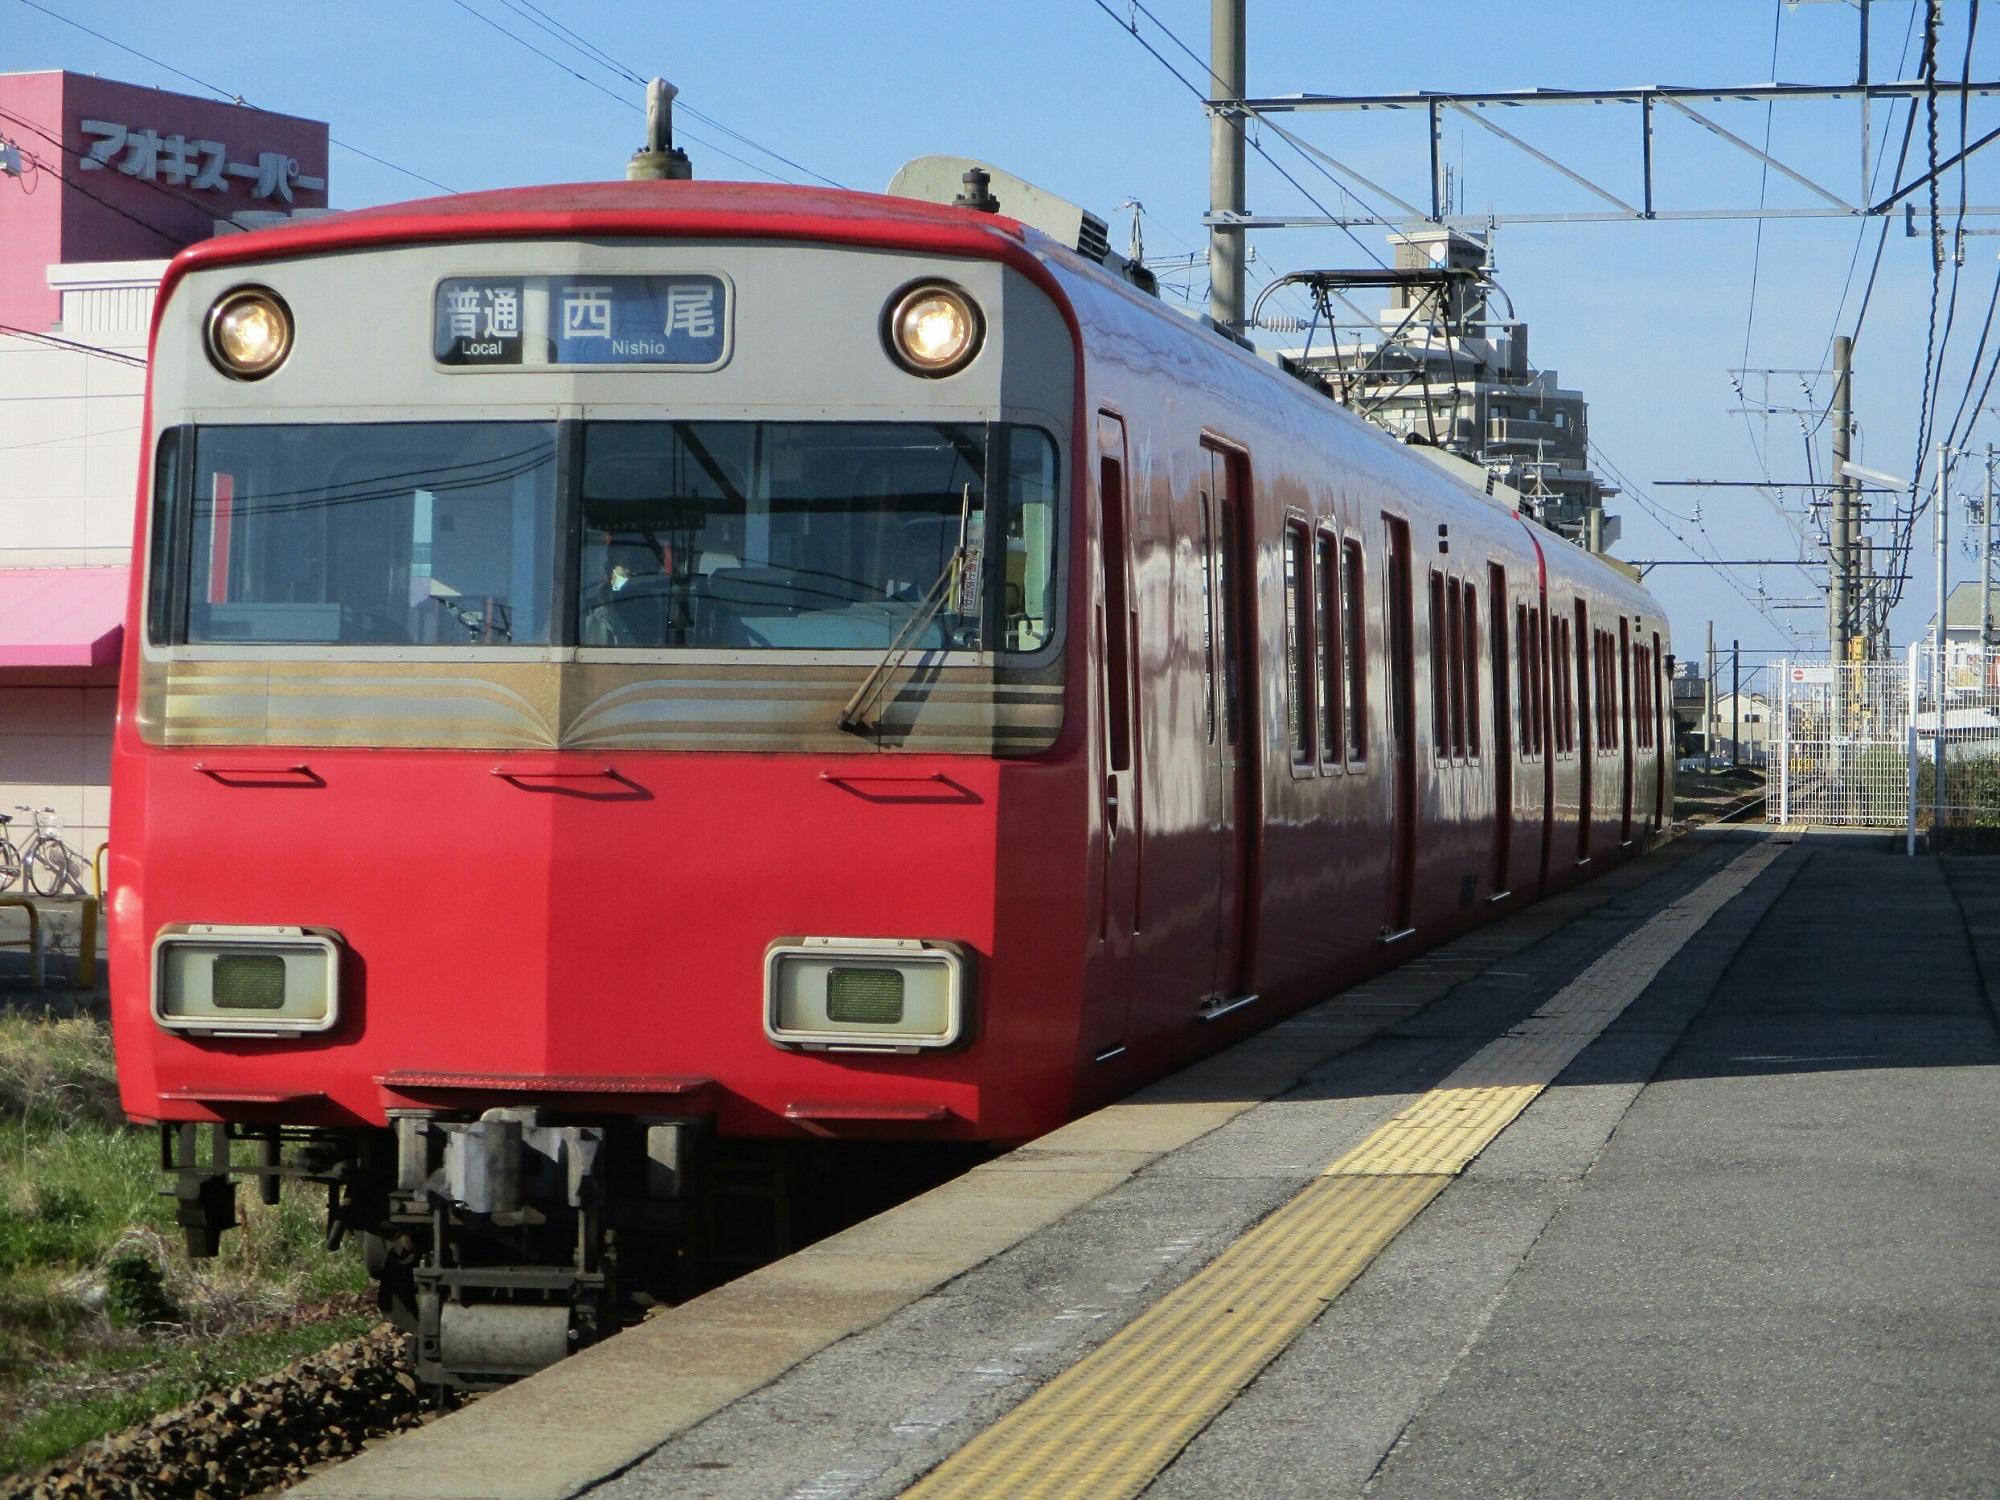 2019.3.9 15:45 ふるい - 西尾いきふつう 2000-1500